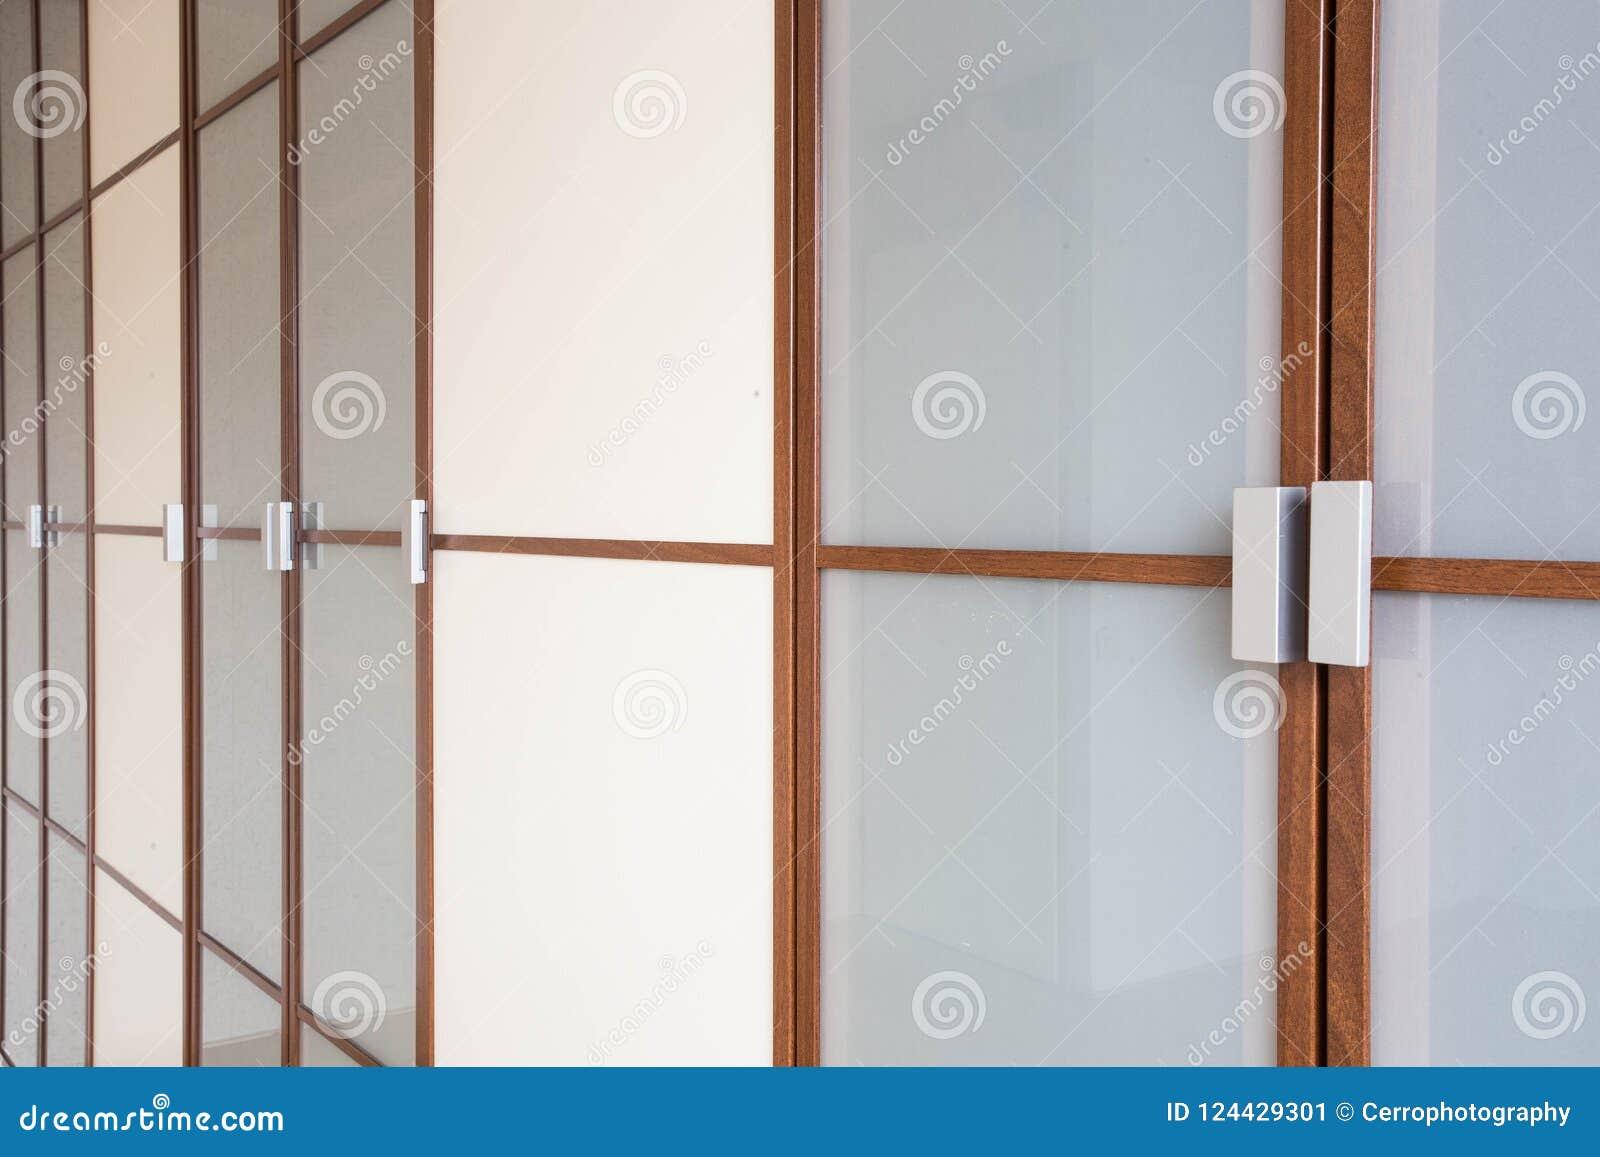 Hölzerne weiße Wandschranktürnahaufnahme für modernes neues Design der Kleidung